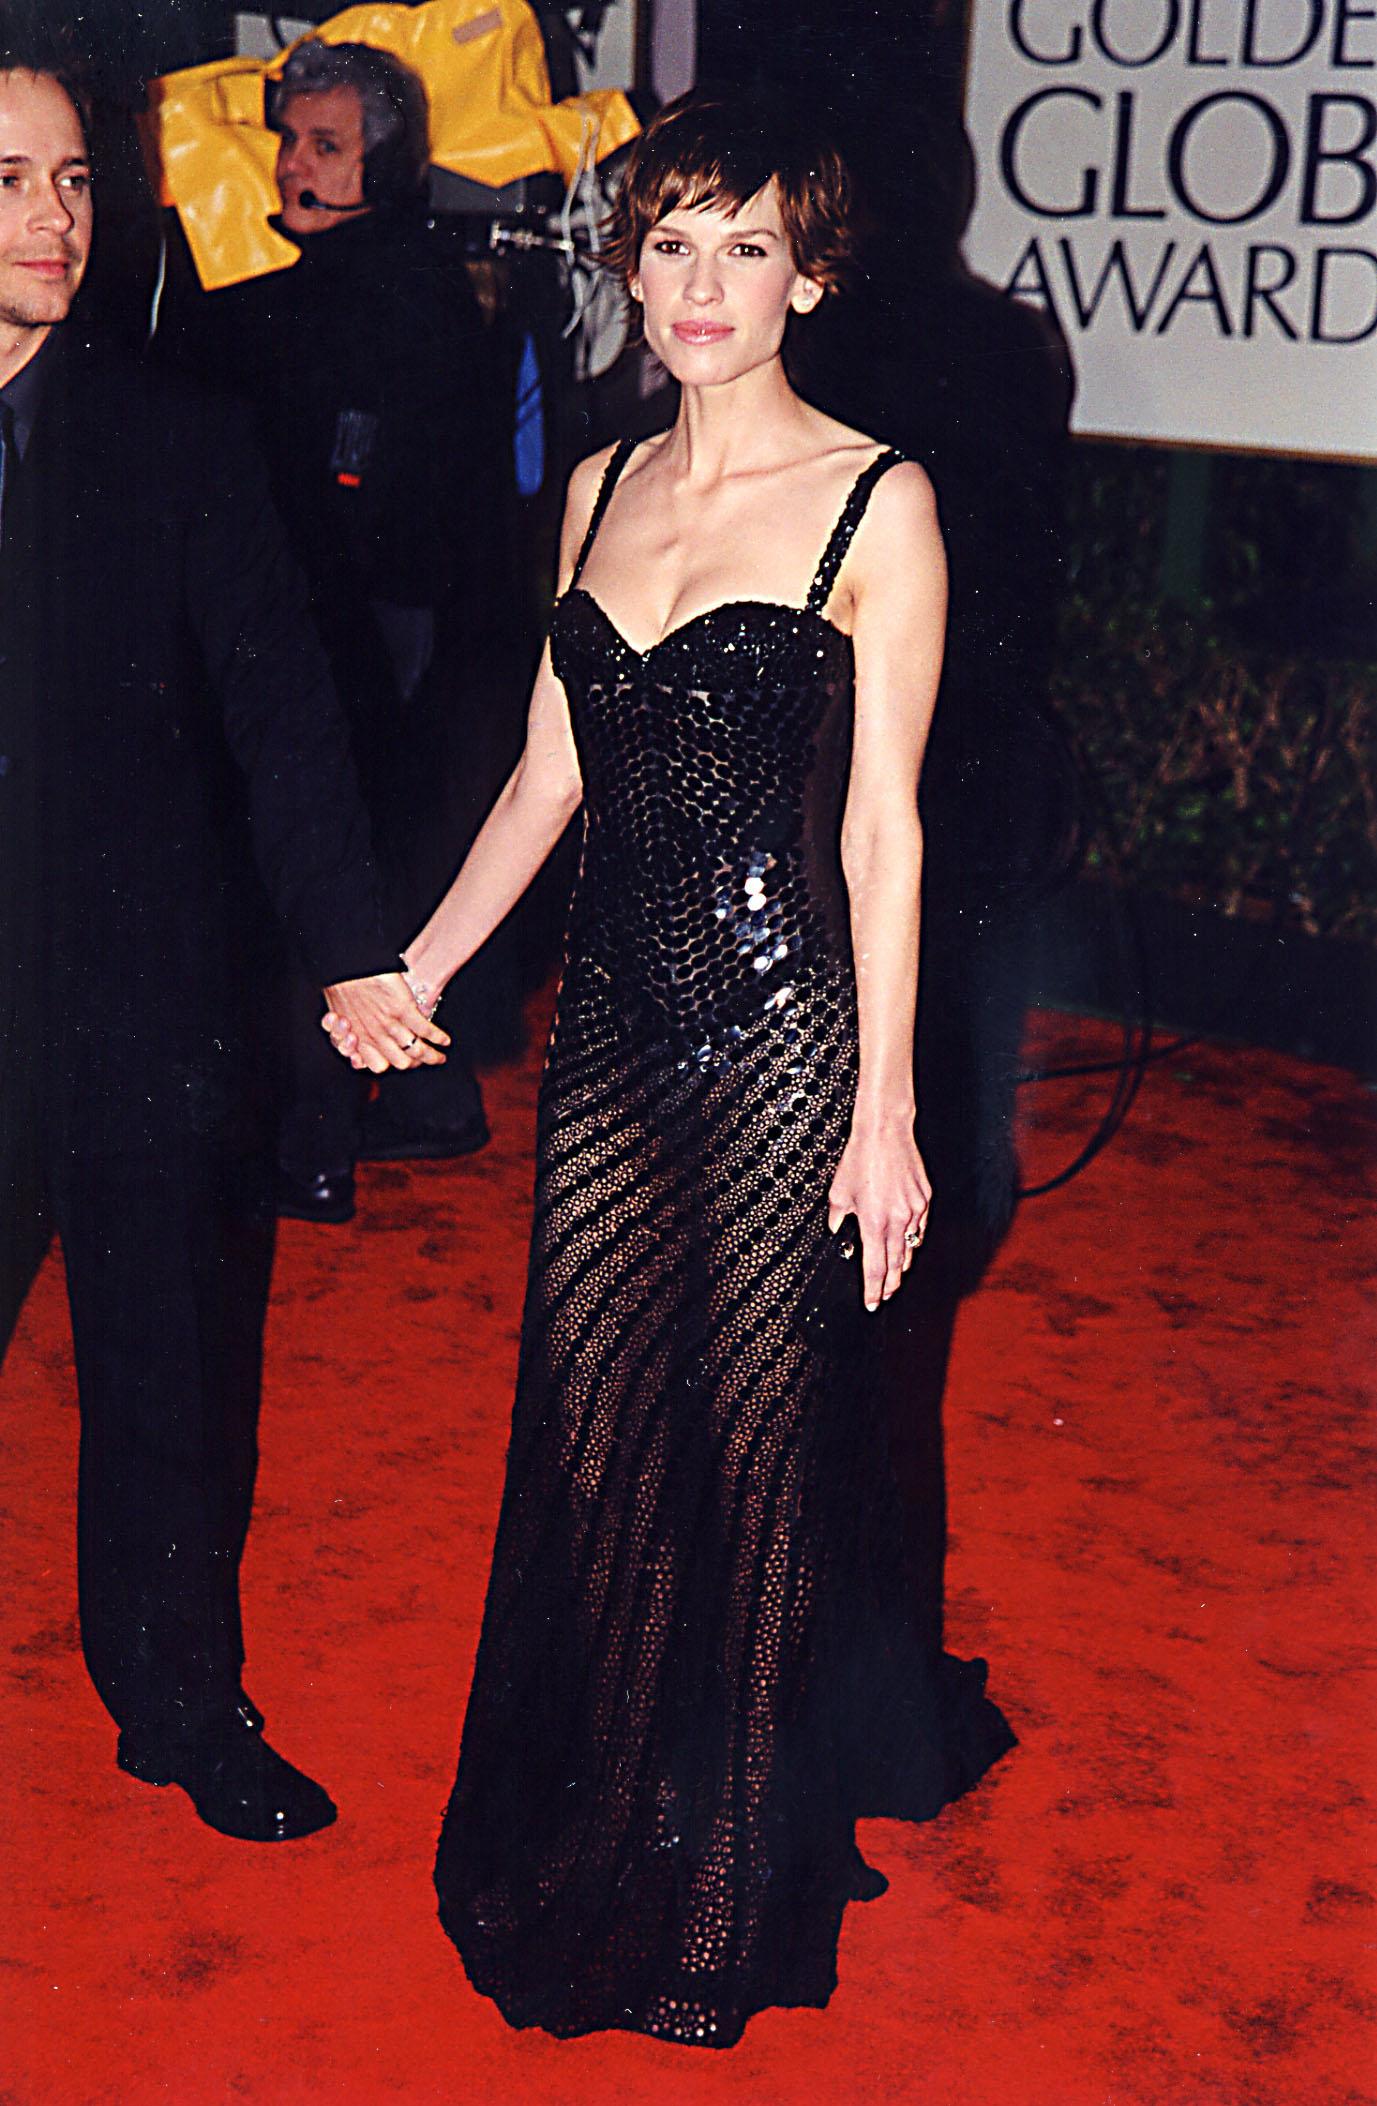 Hilary Swank Melhores Vestidos do Globo de Ouro